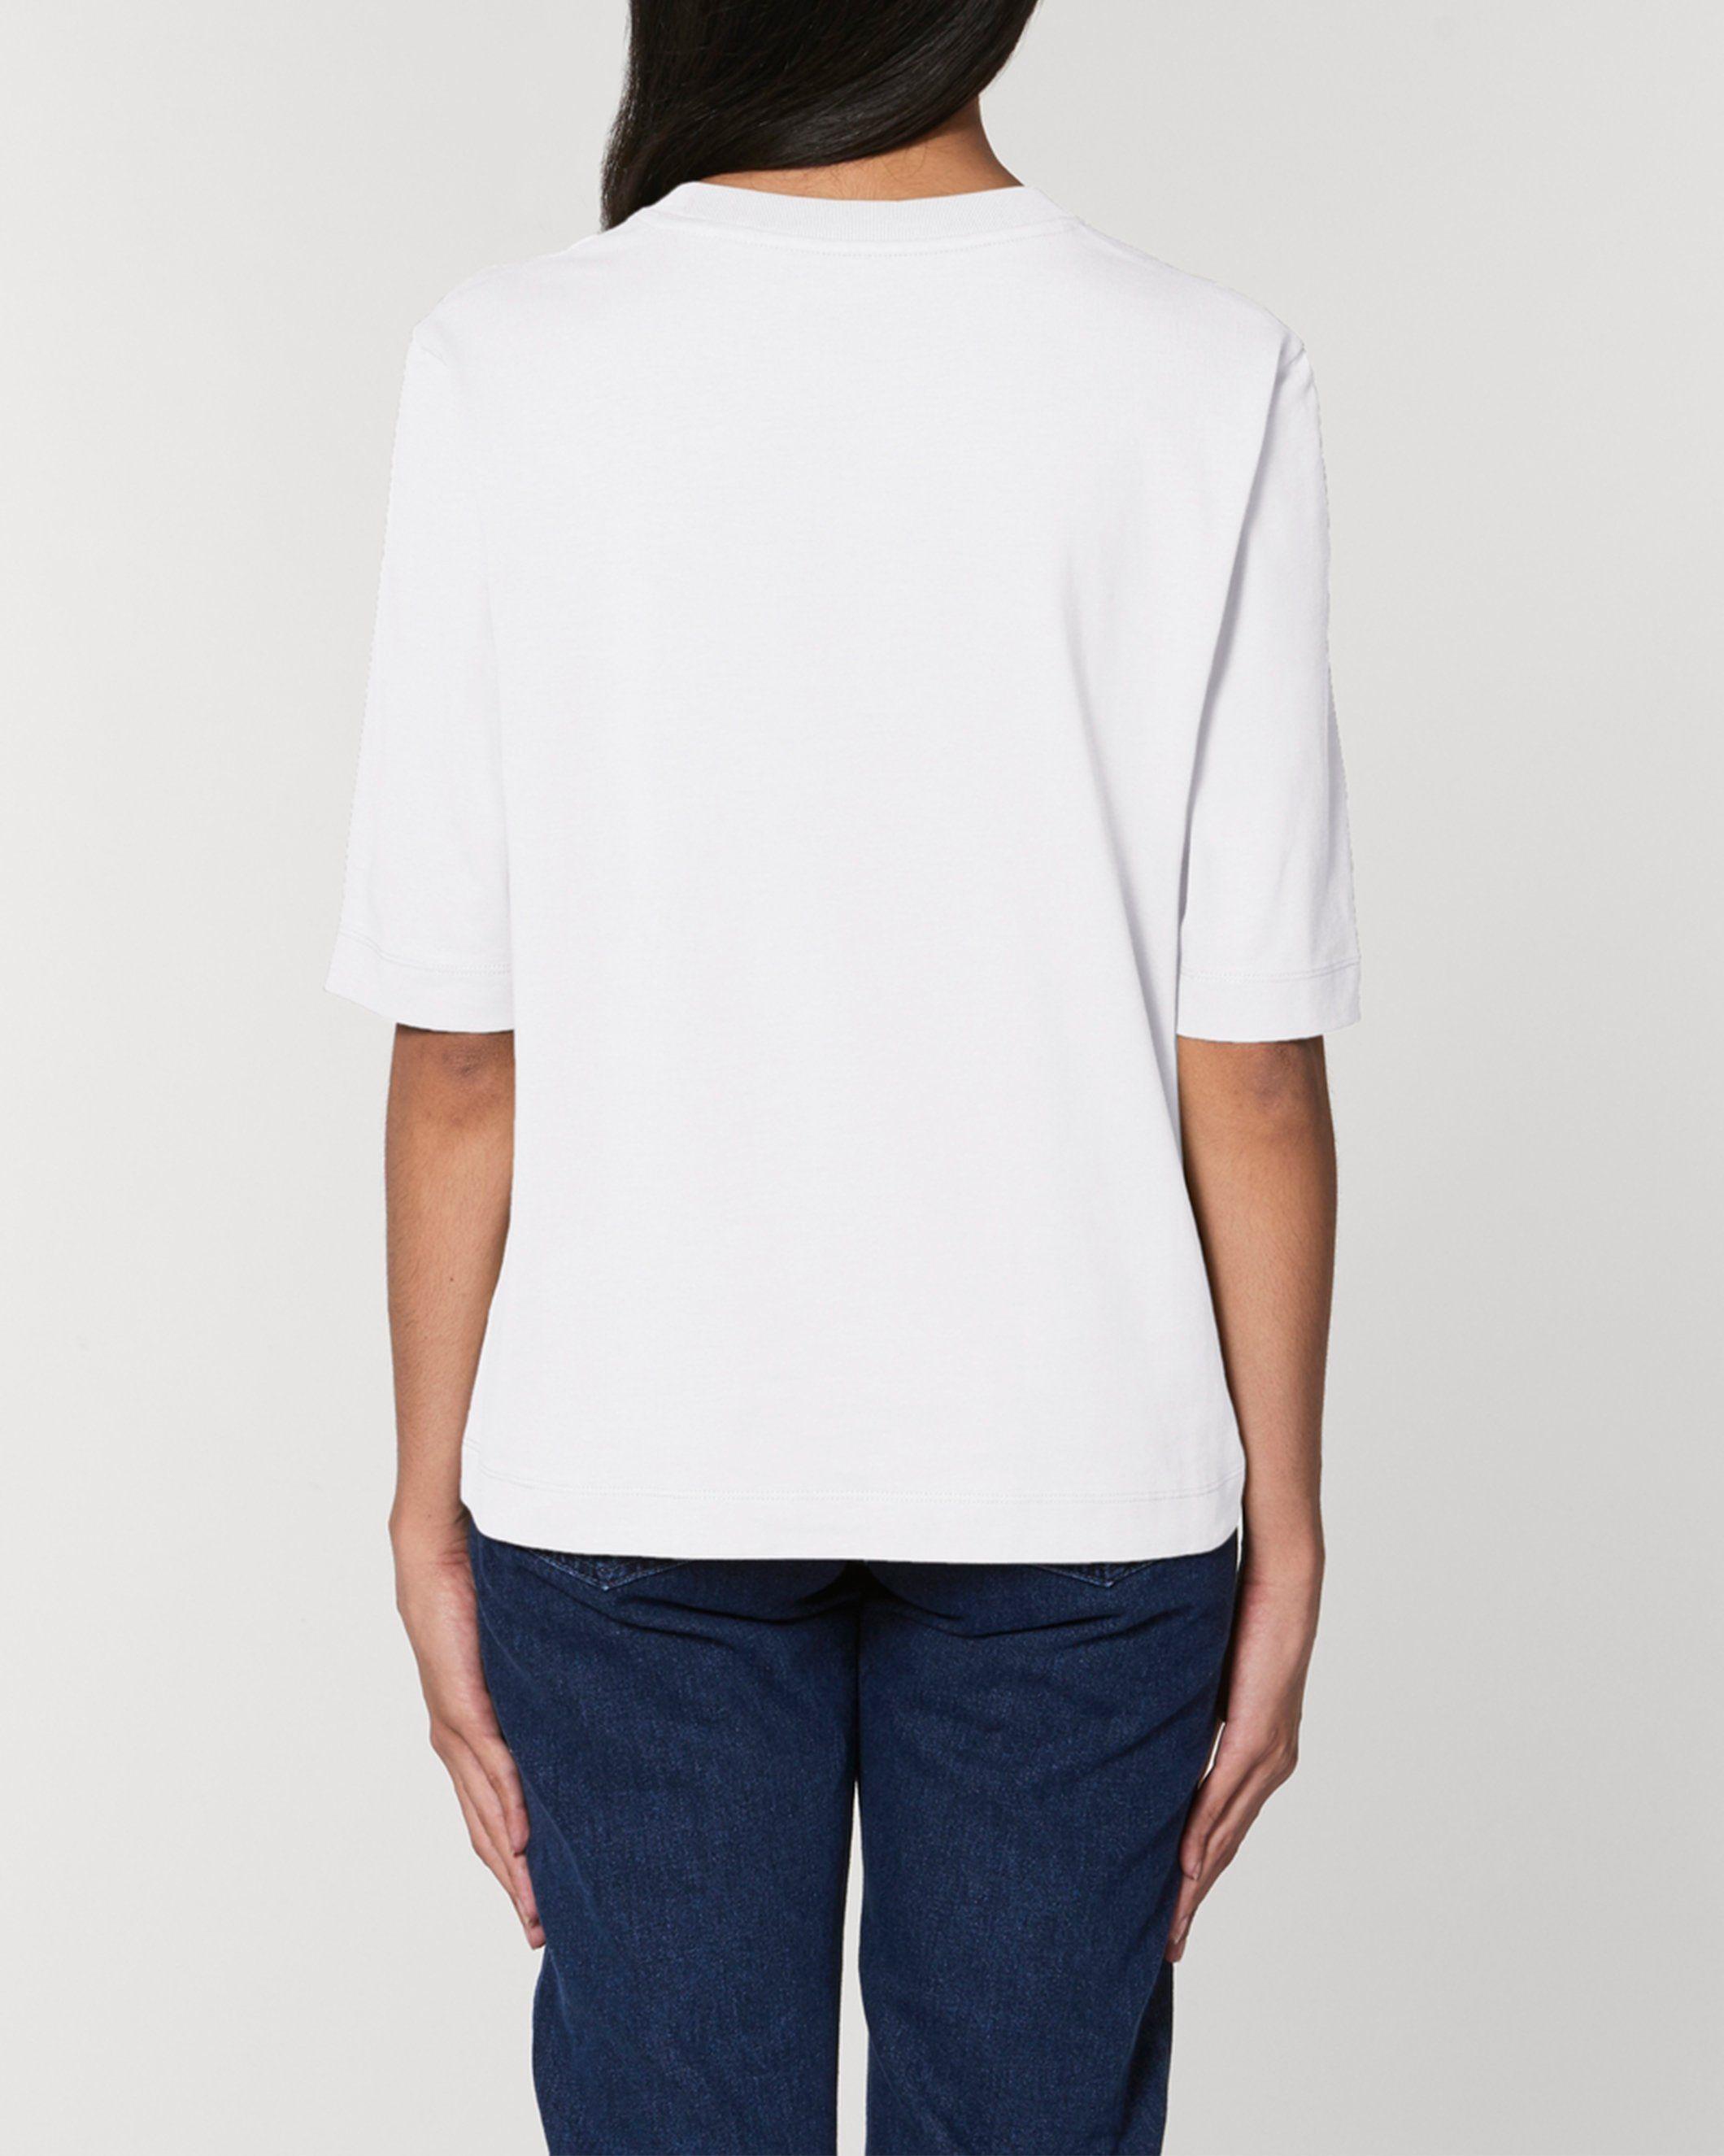 Bandham Women's Boxy Heavy T-Shirt in White